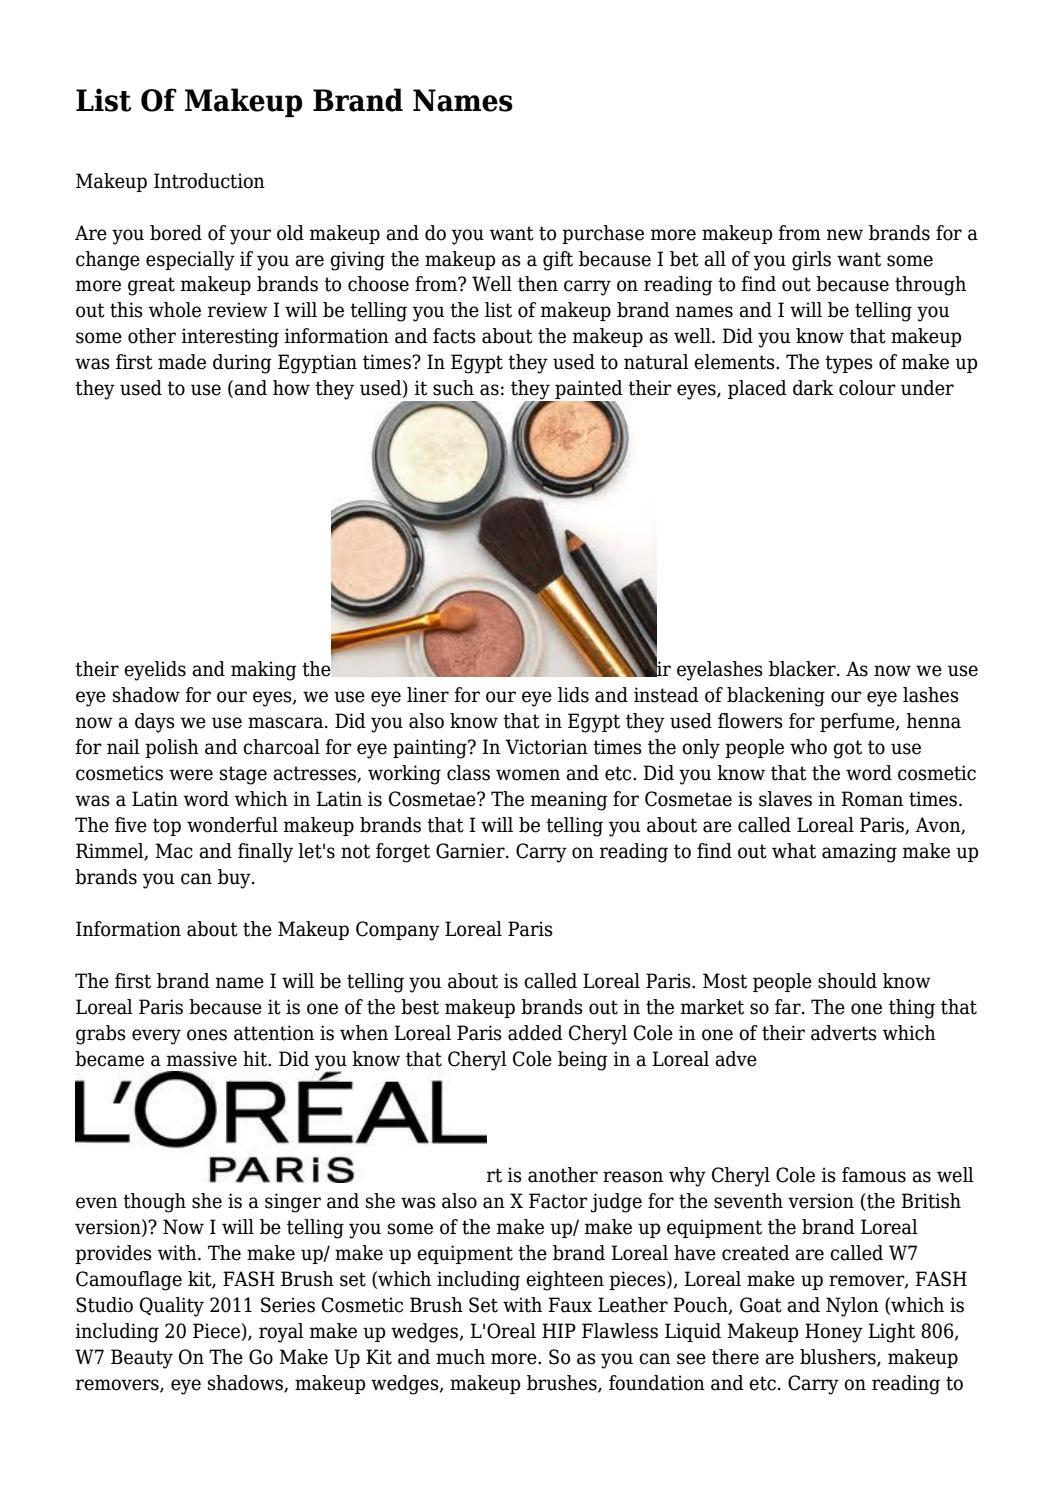 Makeup Brand Names By Reidgesozawrrf